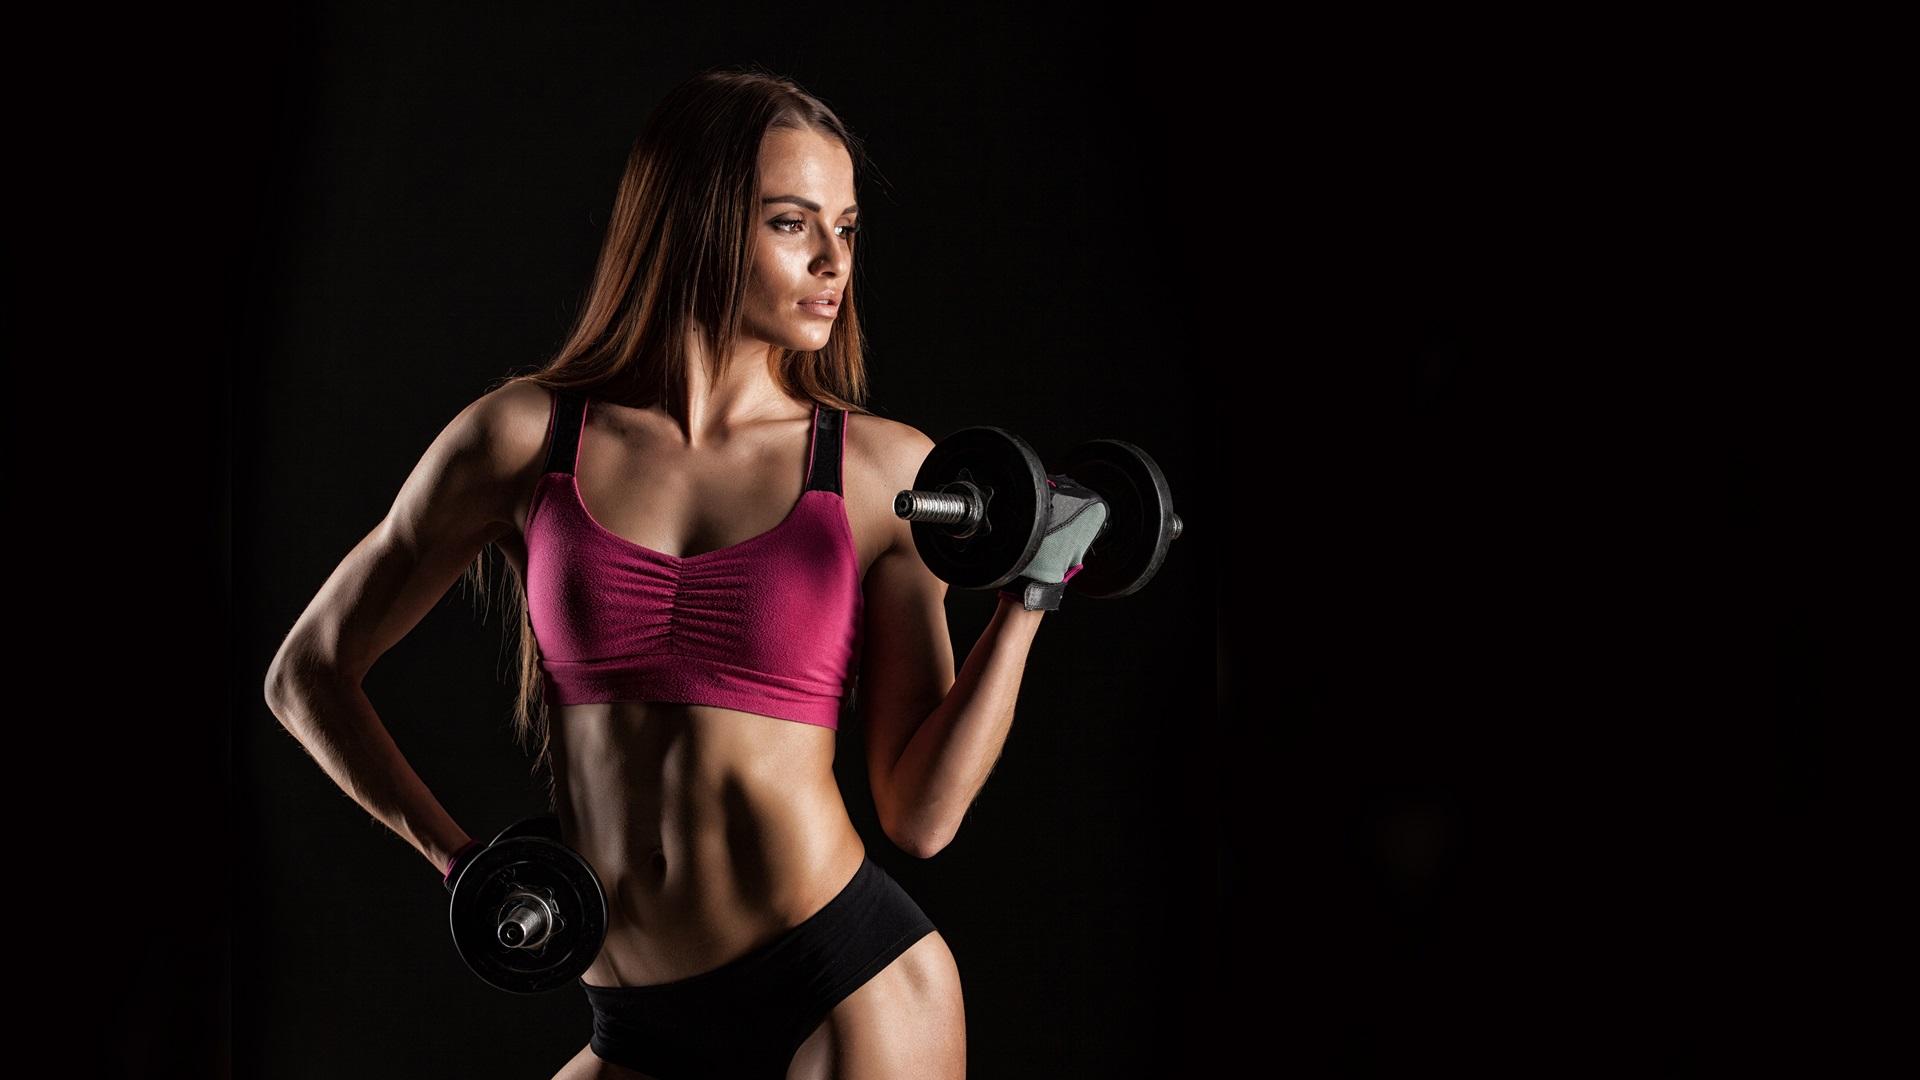 壁紙 フィットネスの女の子、女性、ダンベル、スポーツウェア、トレーニング、黒背景 3840x2160 UHD 4K